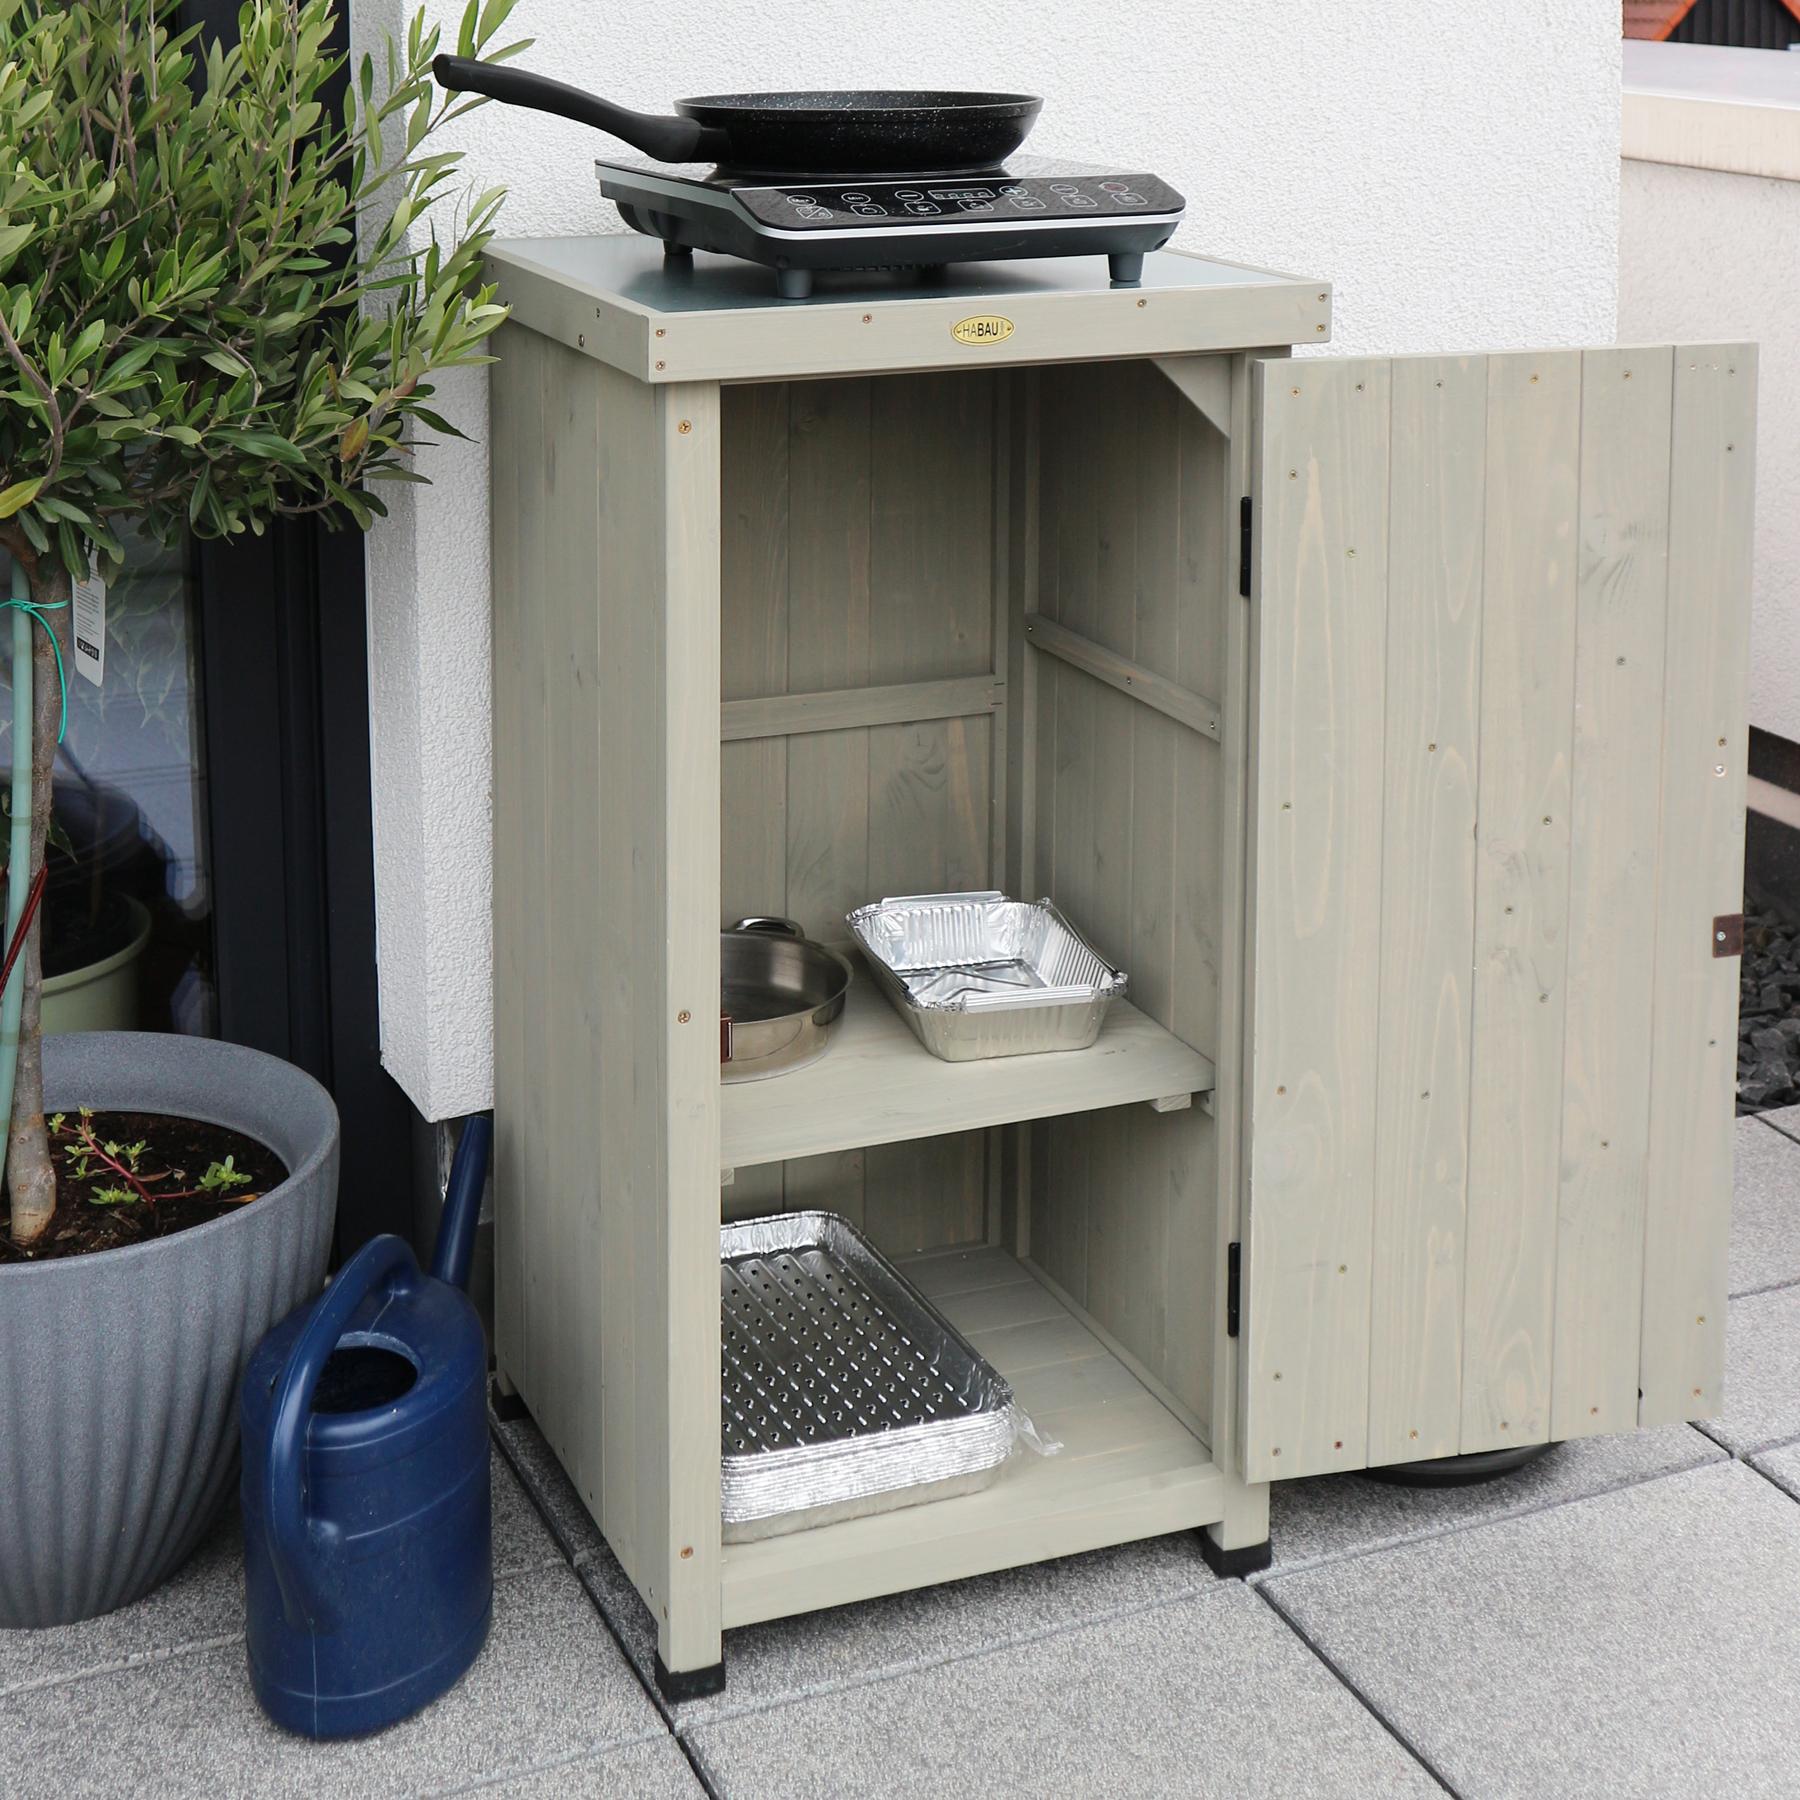 HABAU Gartenschrank Kompakt - Anwendungsbeispiel - 3085